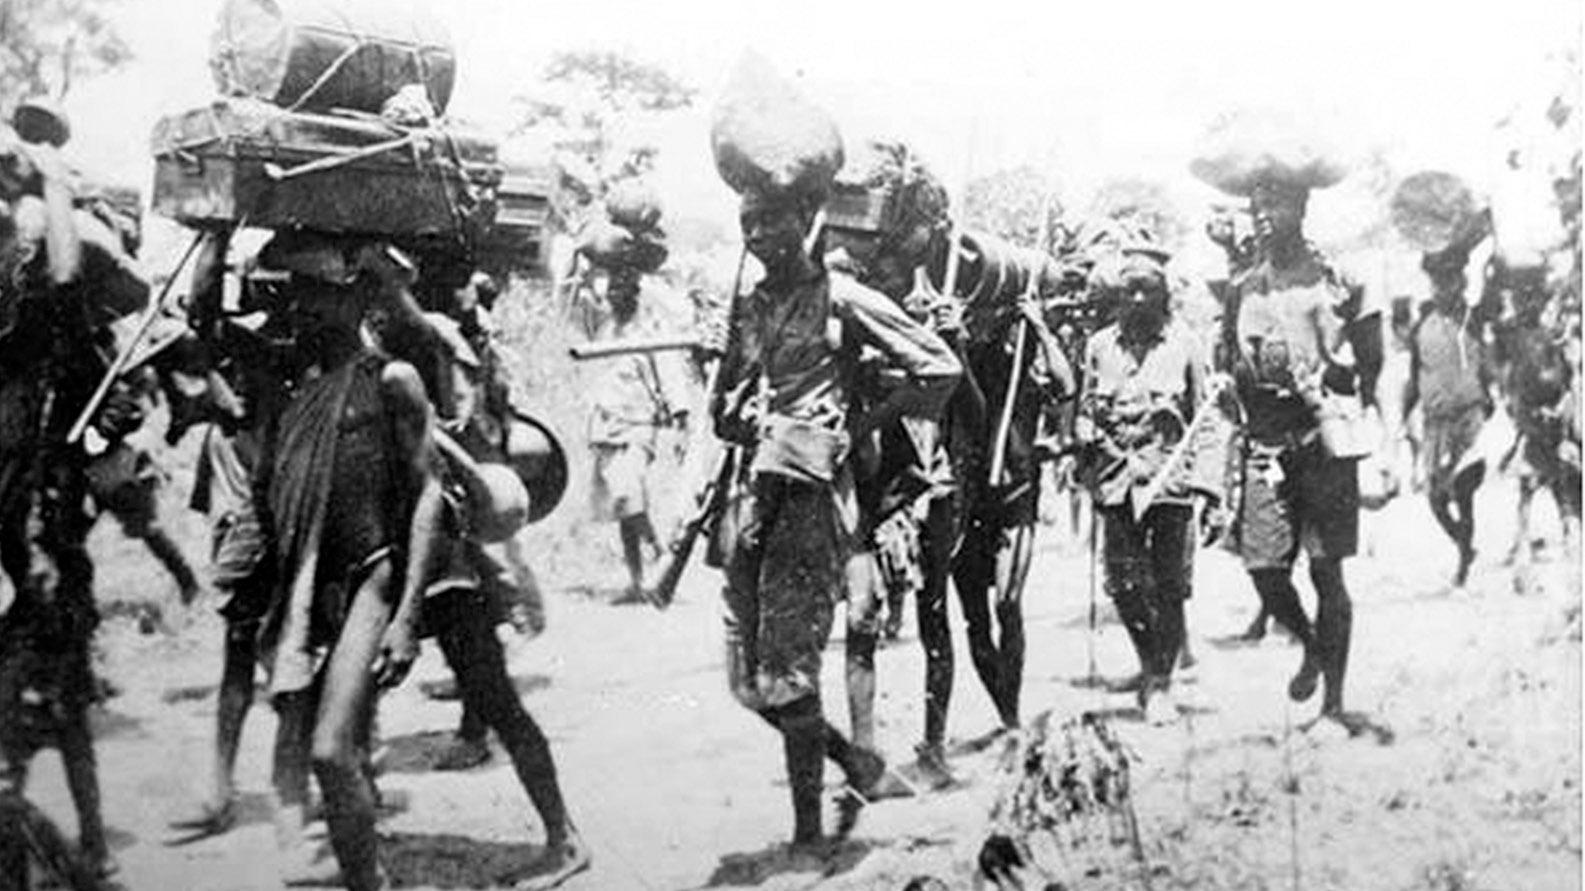 Untold story of African 'Tenga Tenga' in WWI